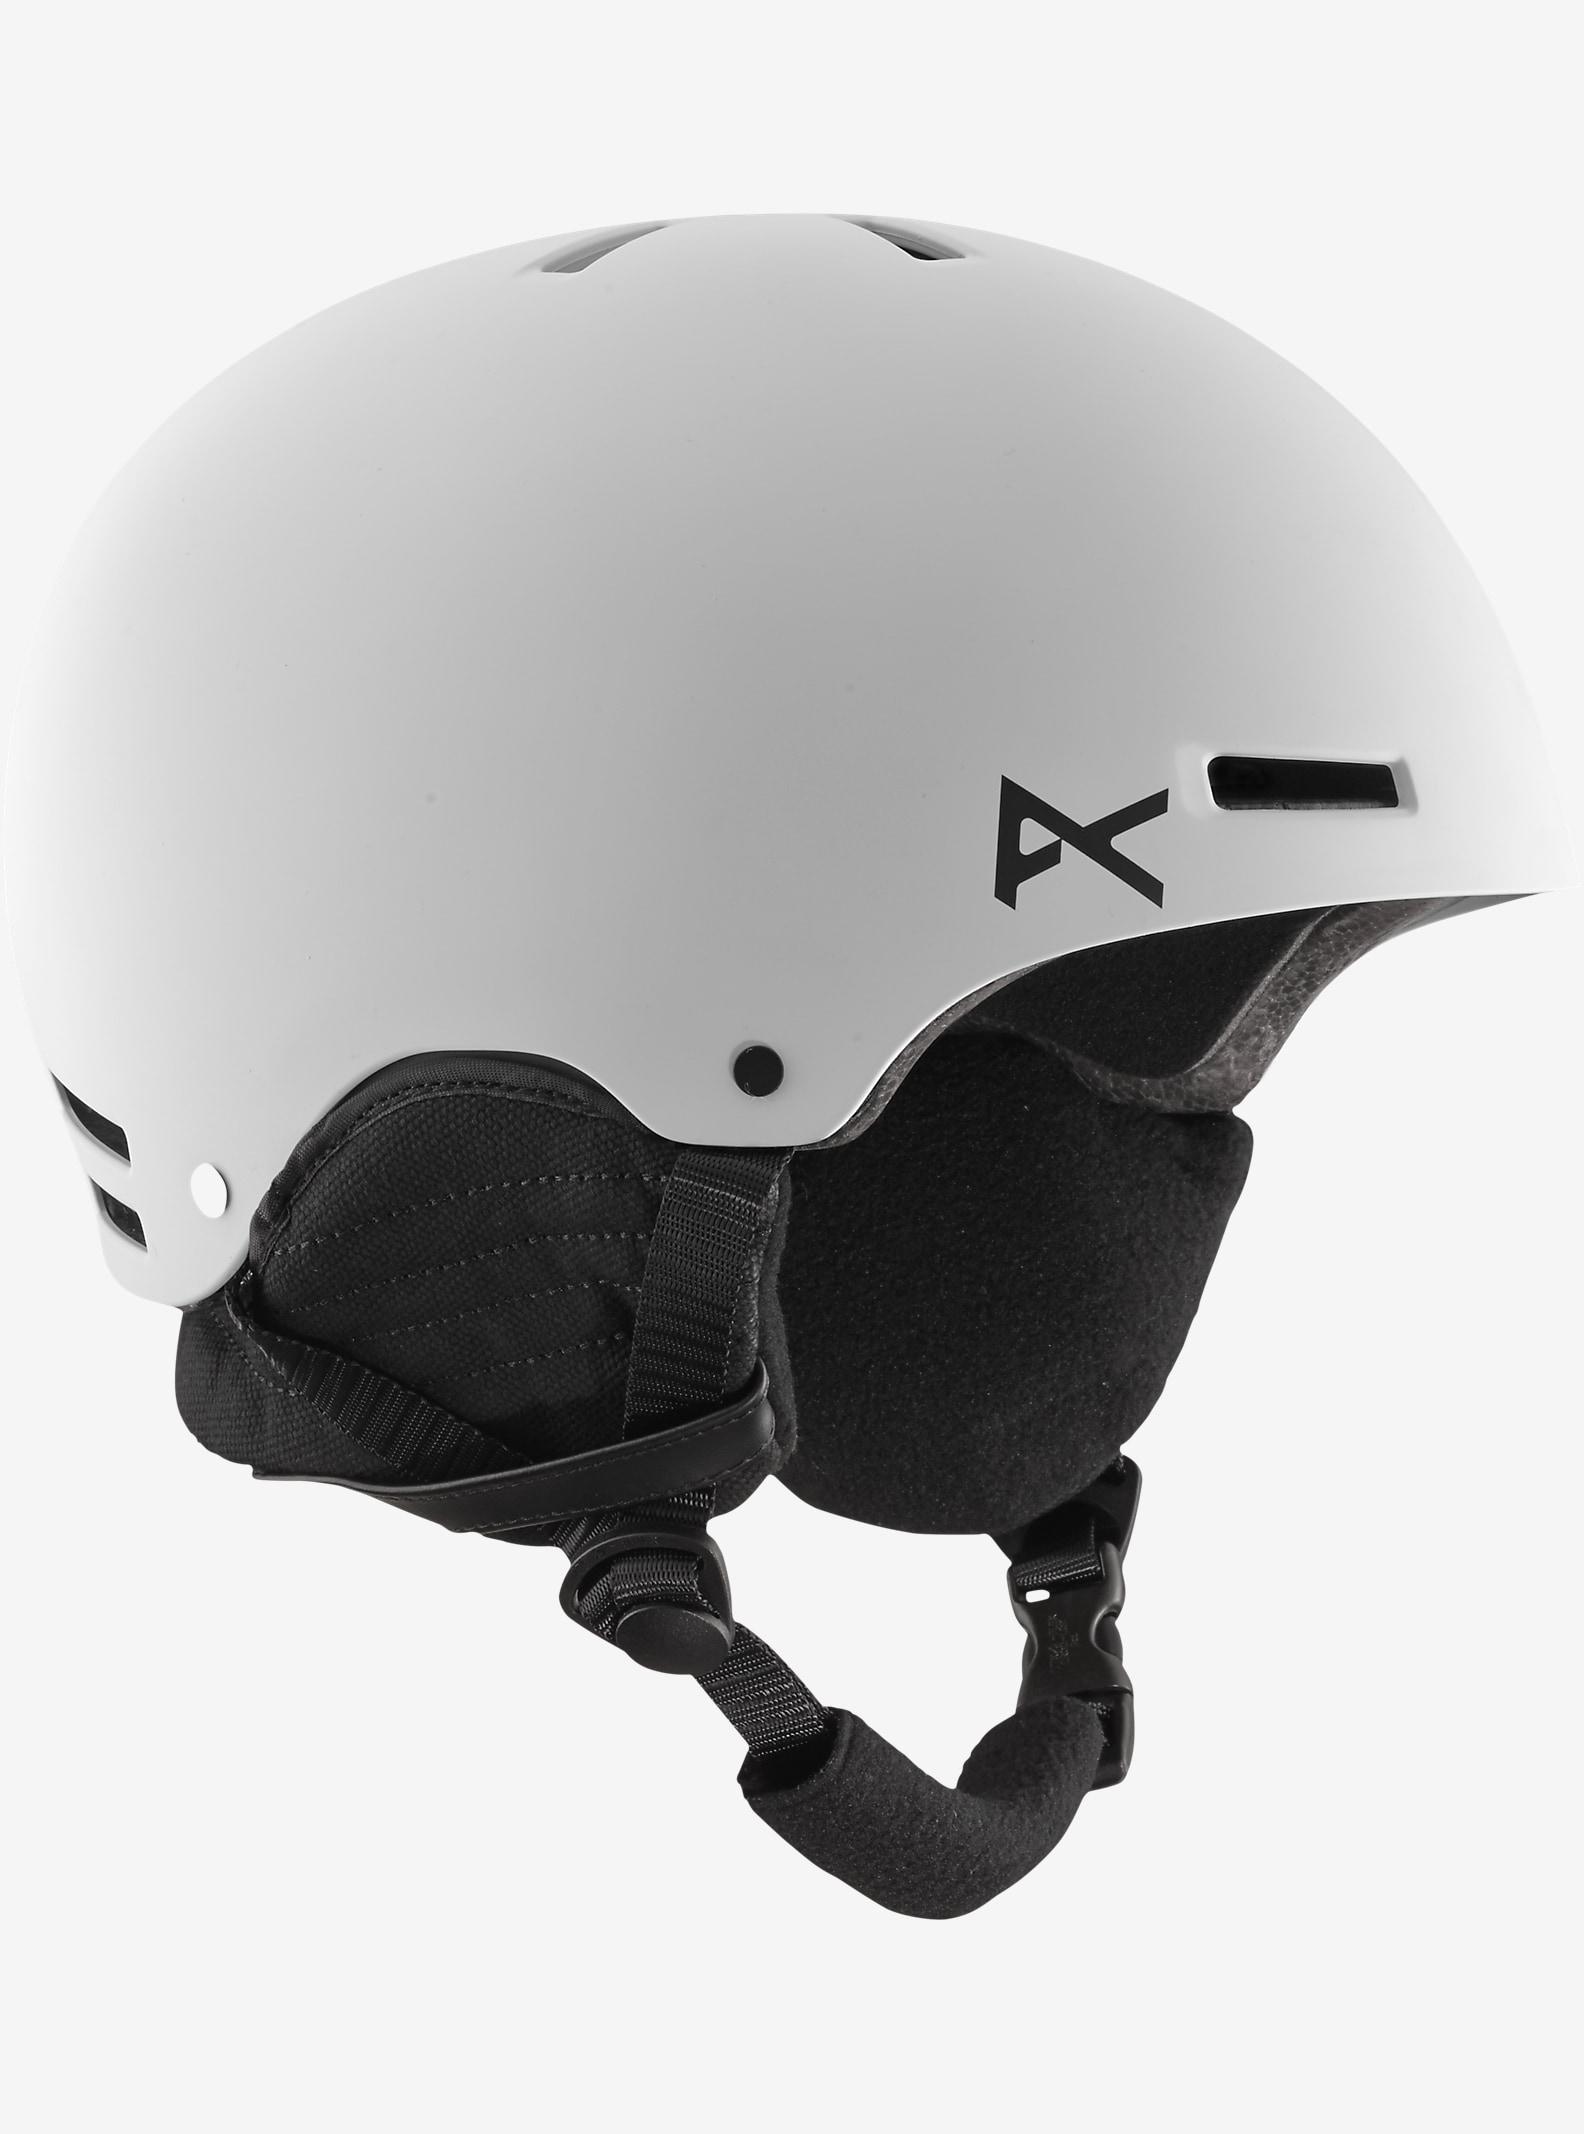 anon. Raider Helmet shown in White